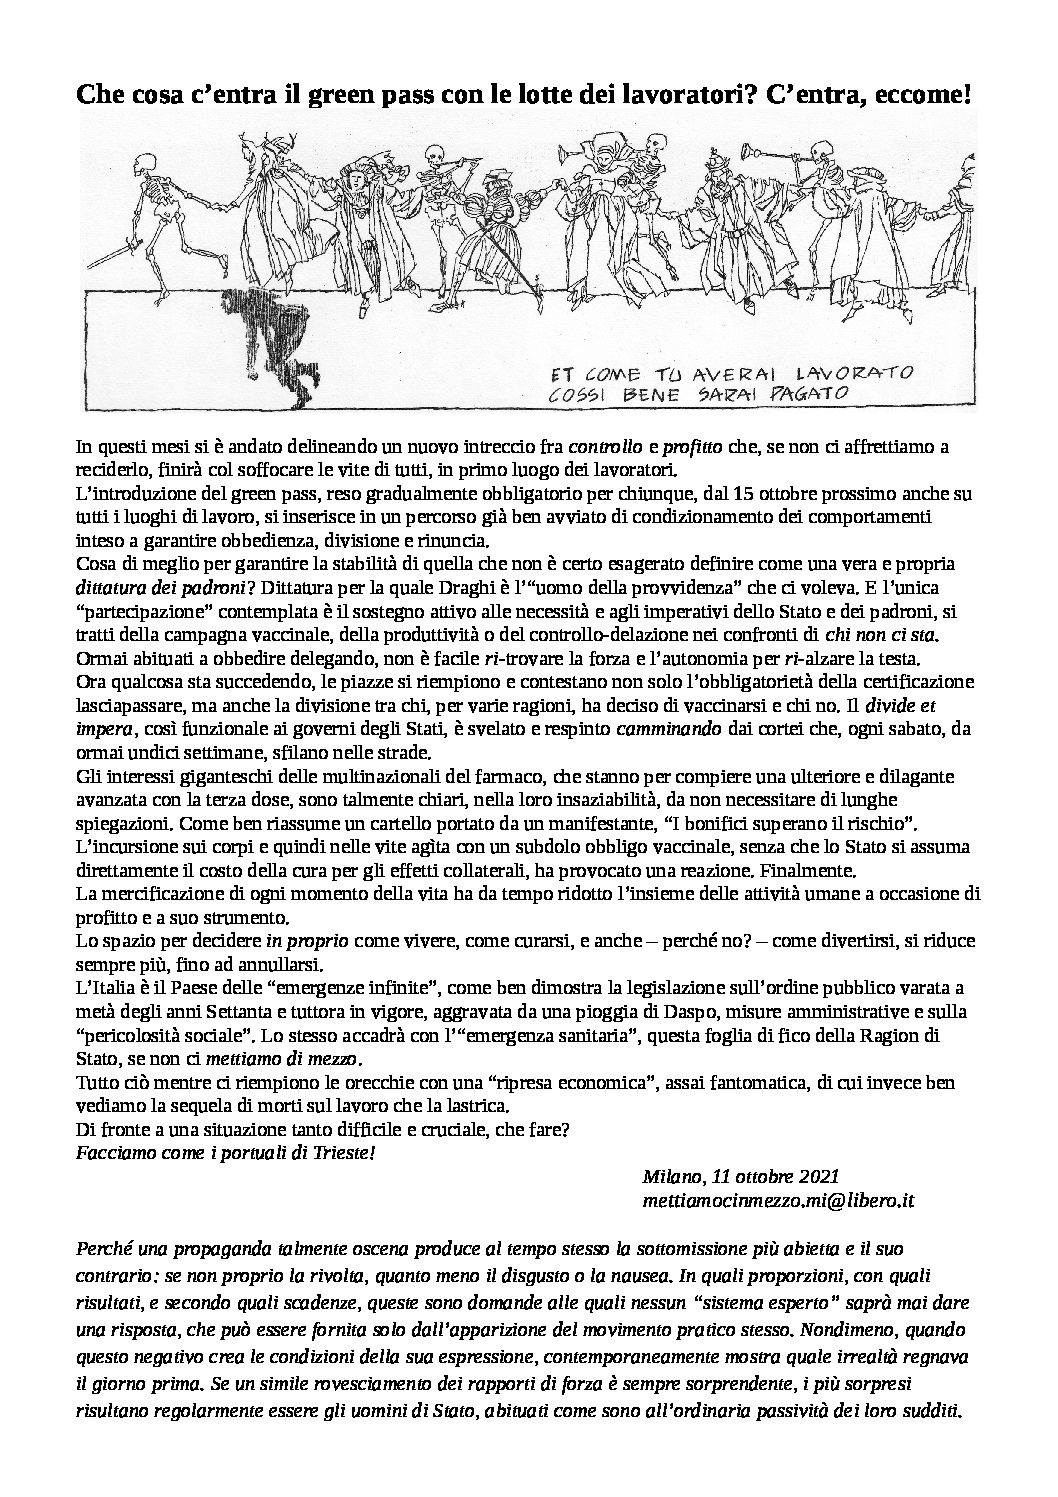 Milano: volantino distribuito in occasione dello sciopero dell'11 ottobre